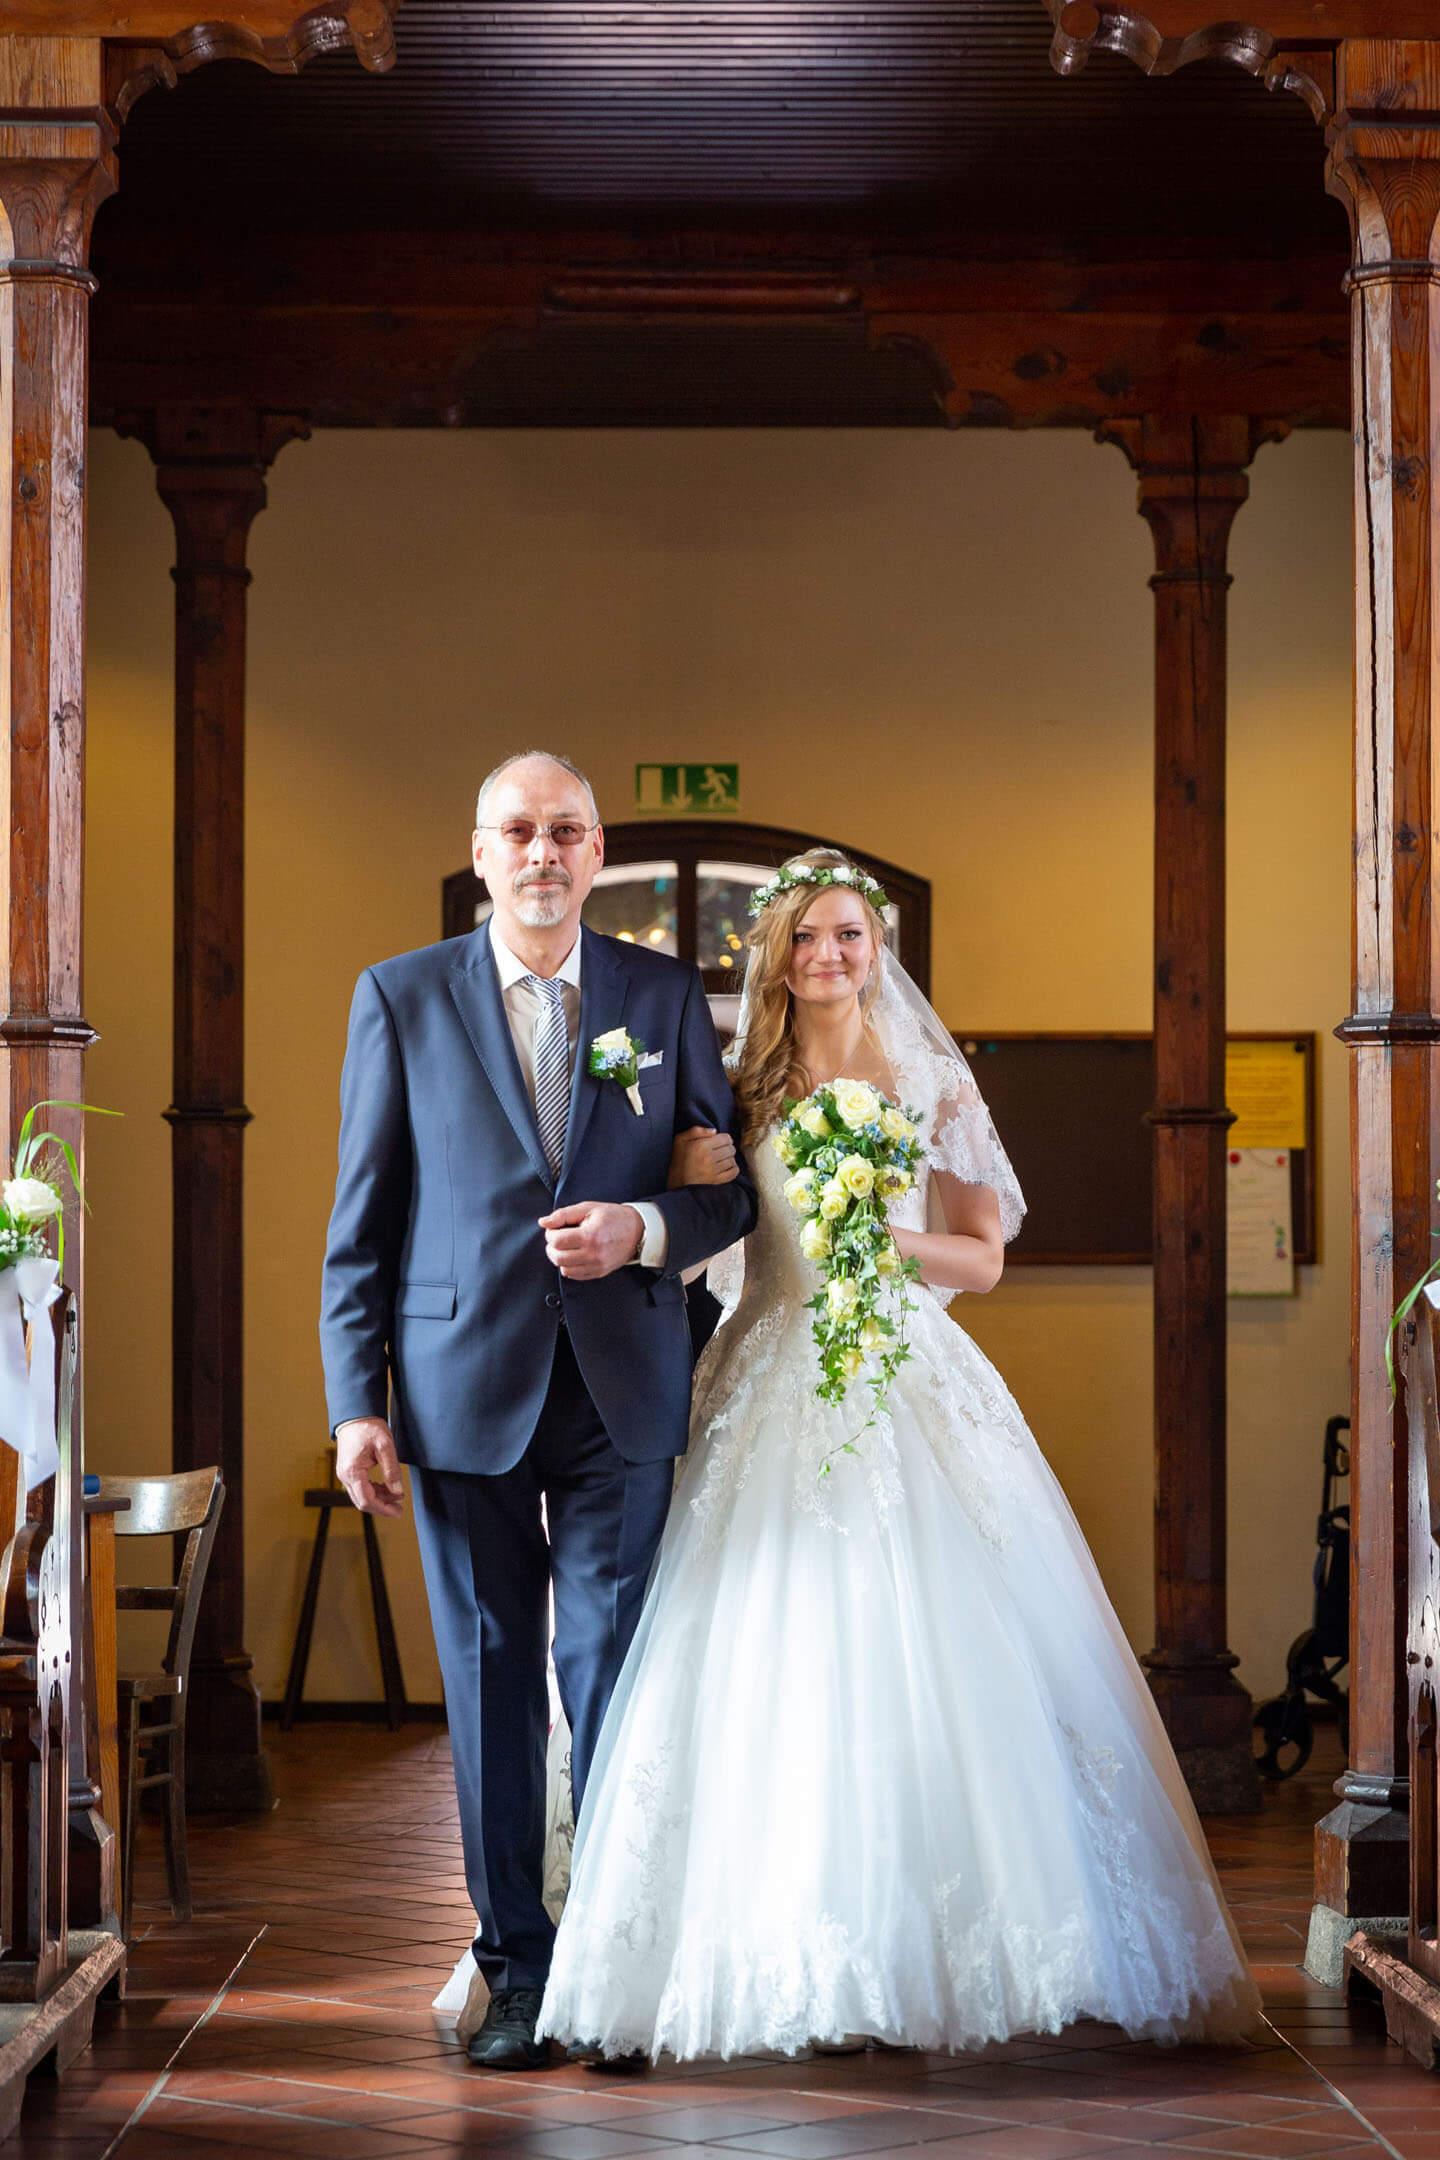 Brautvater geleitet seine Tochter zum Altar